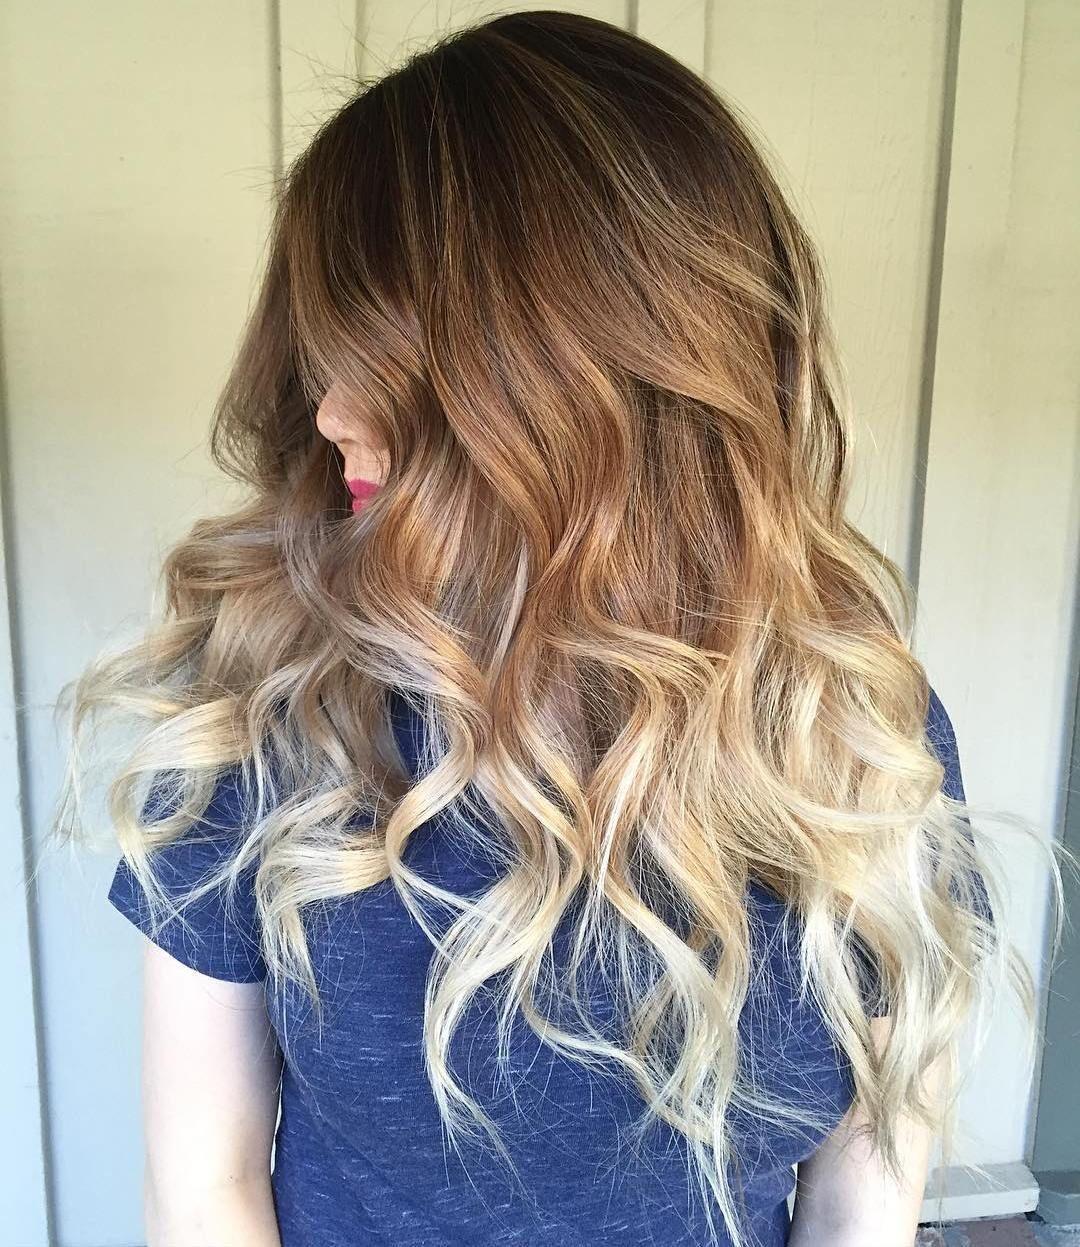 Frisur ombre hair